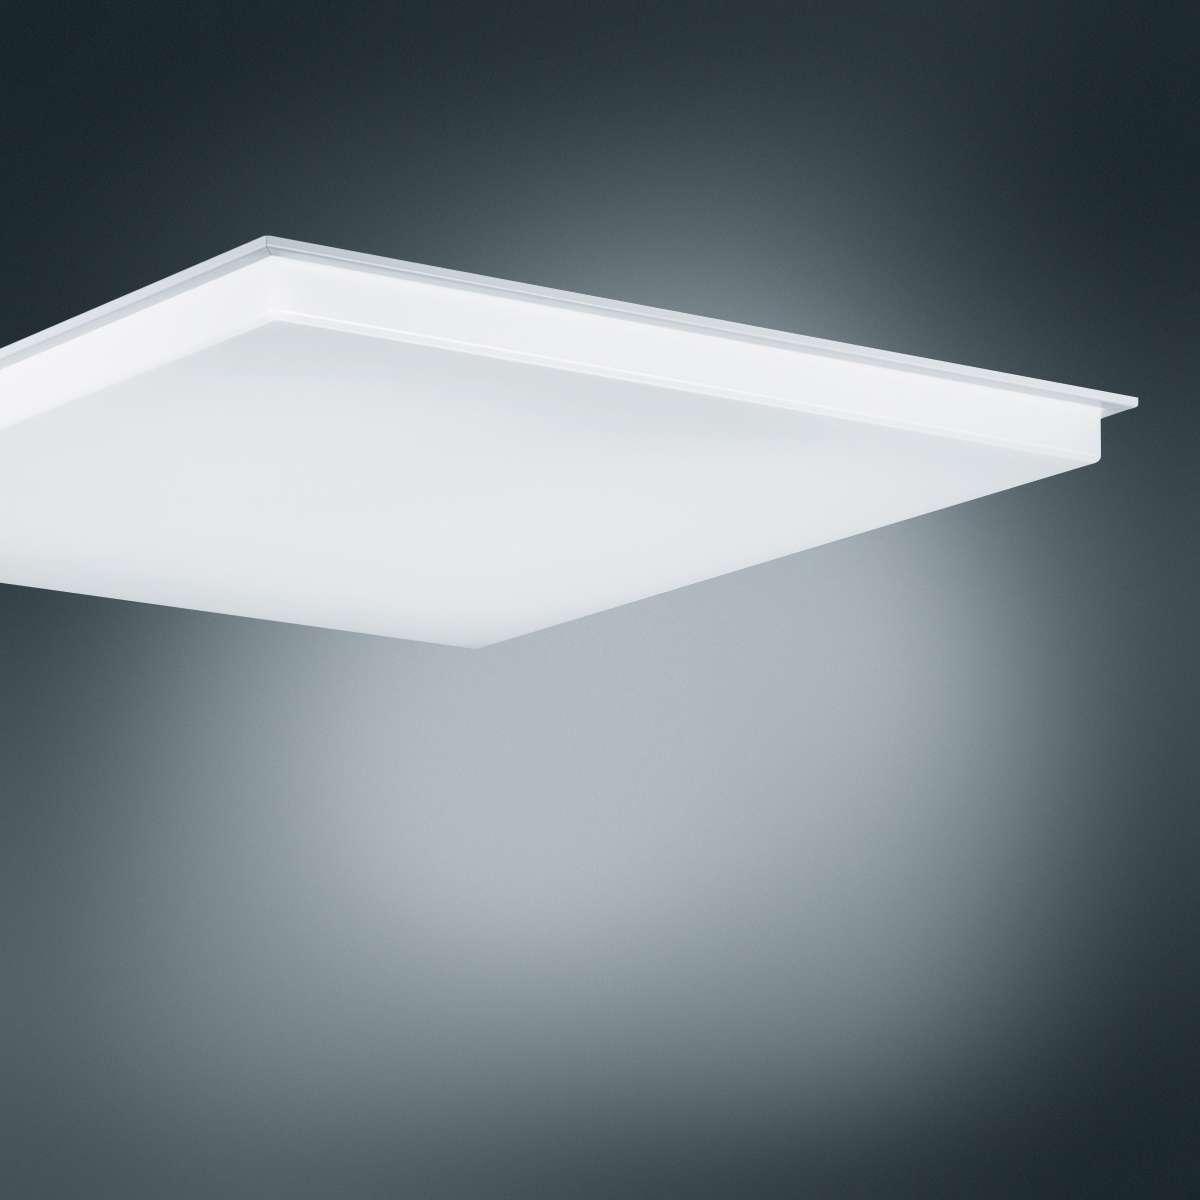 Flurbeleuchtung flurleuchten in pflegeheimen trilux - Flurbeleuchtung led ...